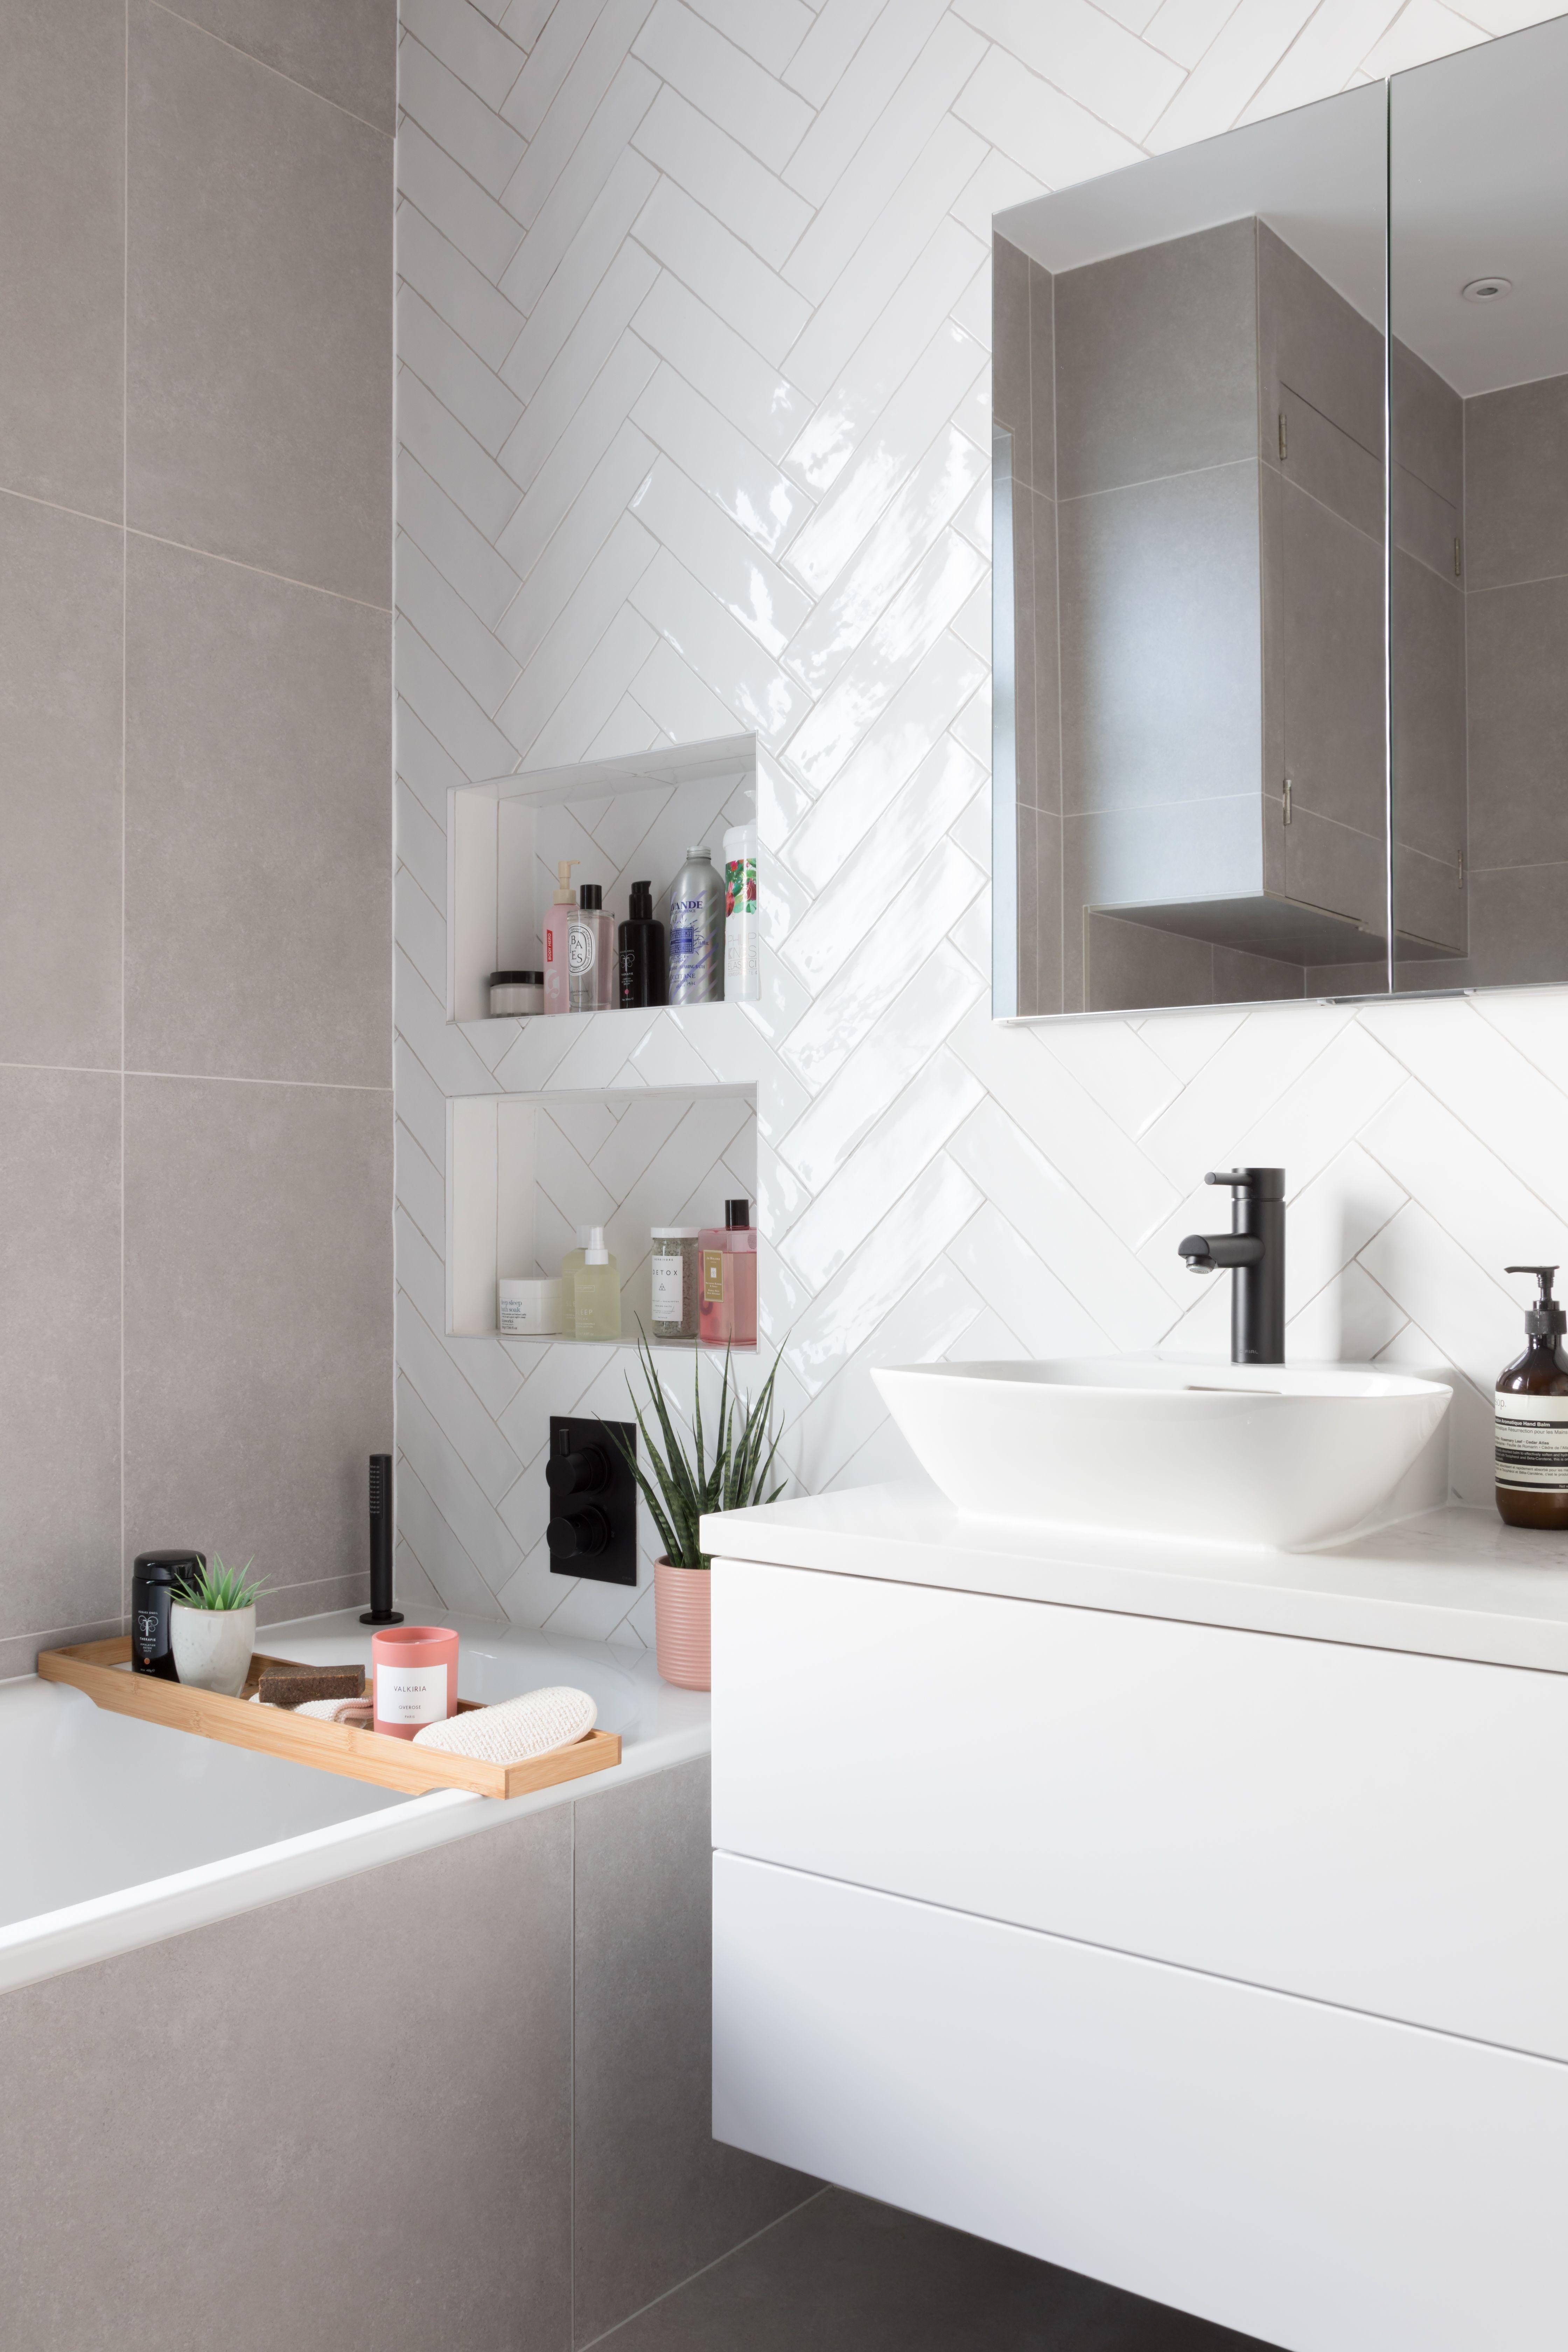 White Glossy Tiles Bathroom White Tile Bathroom Walls Bathroom Wall Tile Design White Bathroom Tiles Latest full bathroom wall